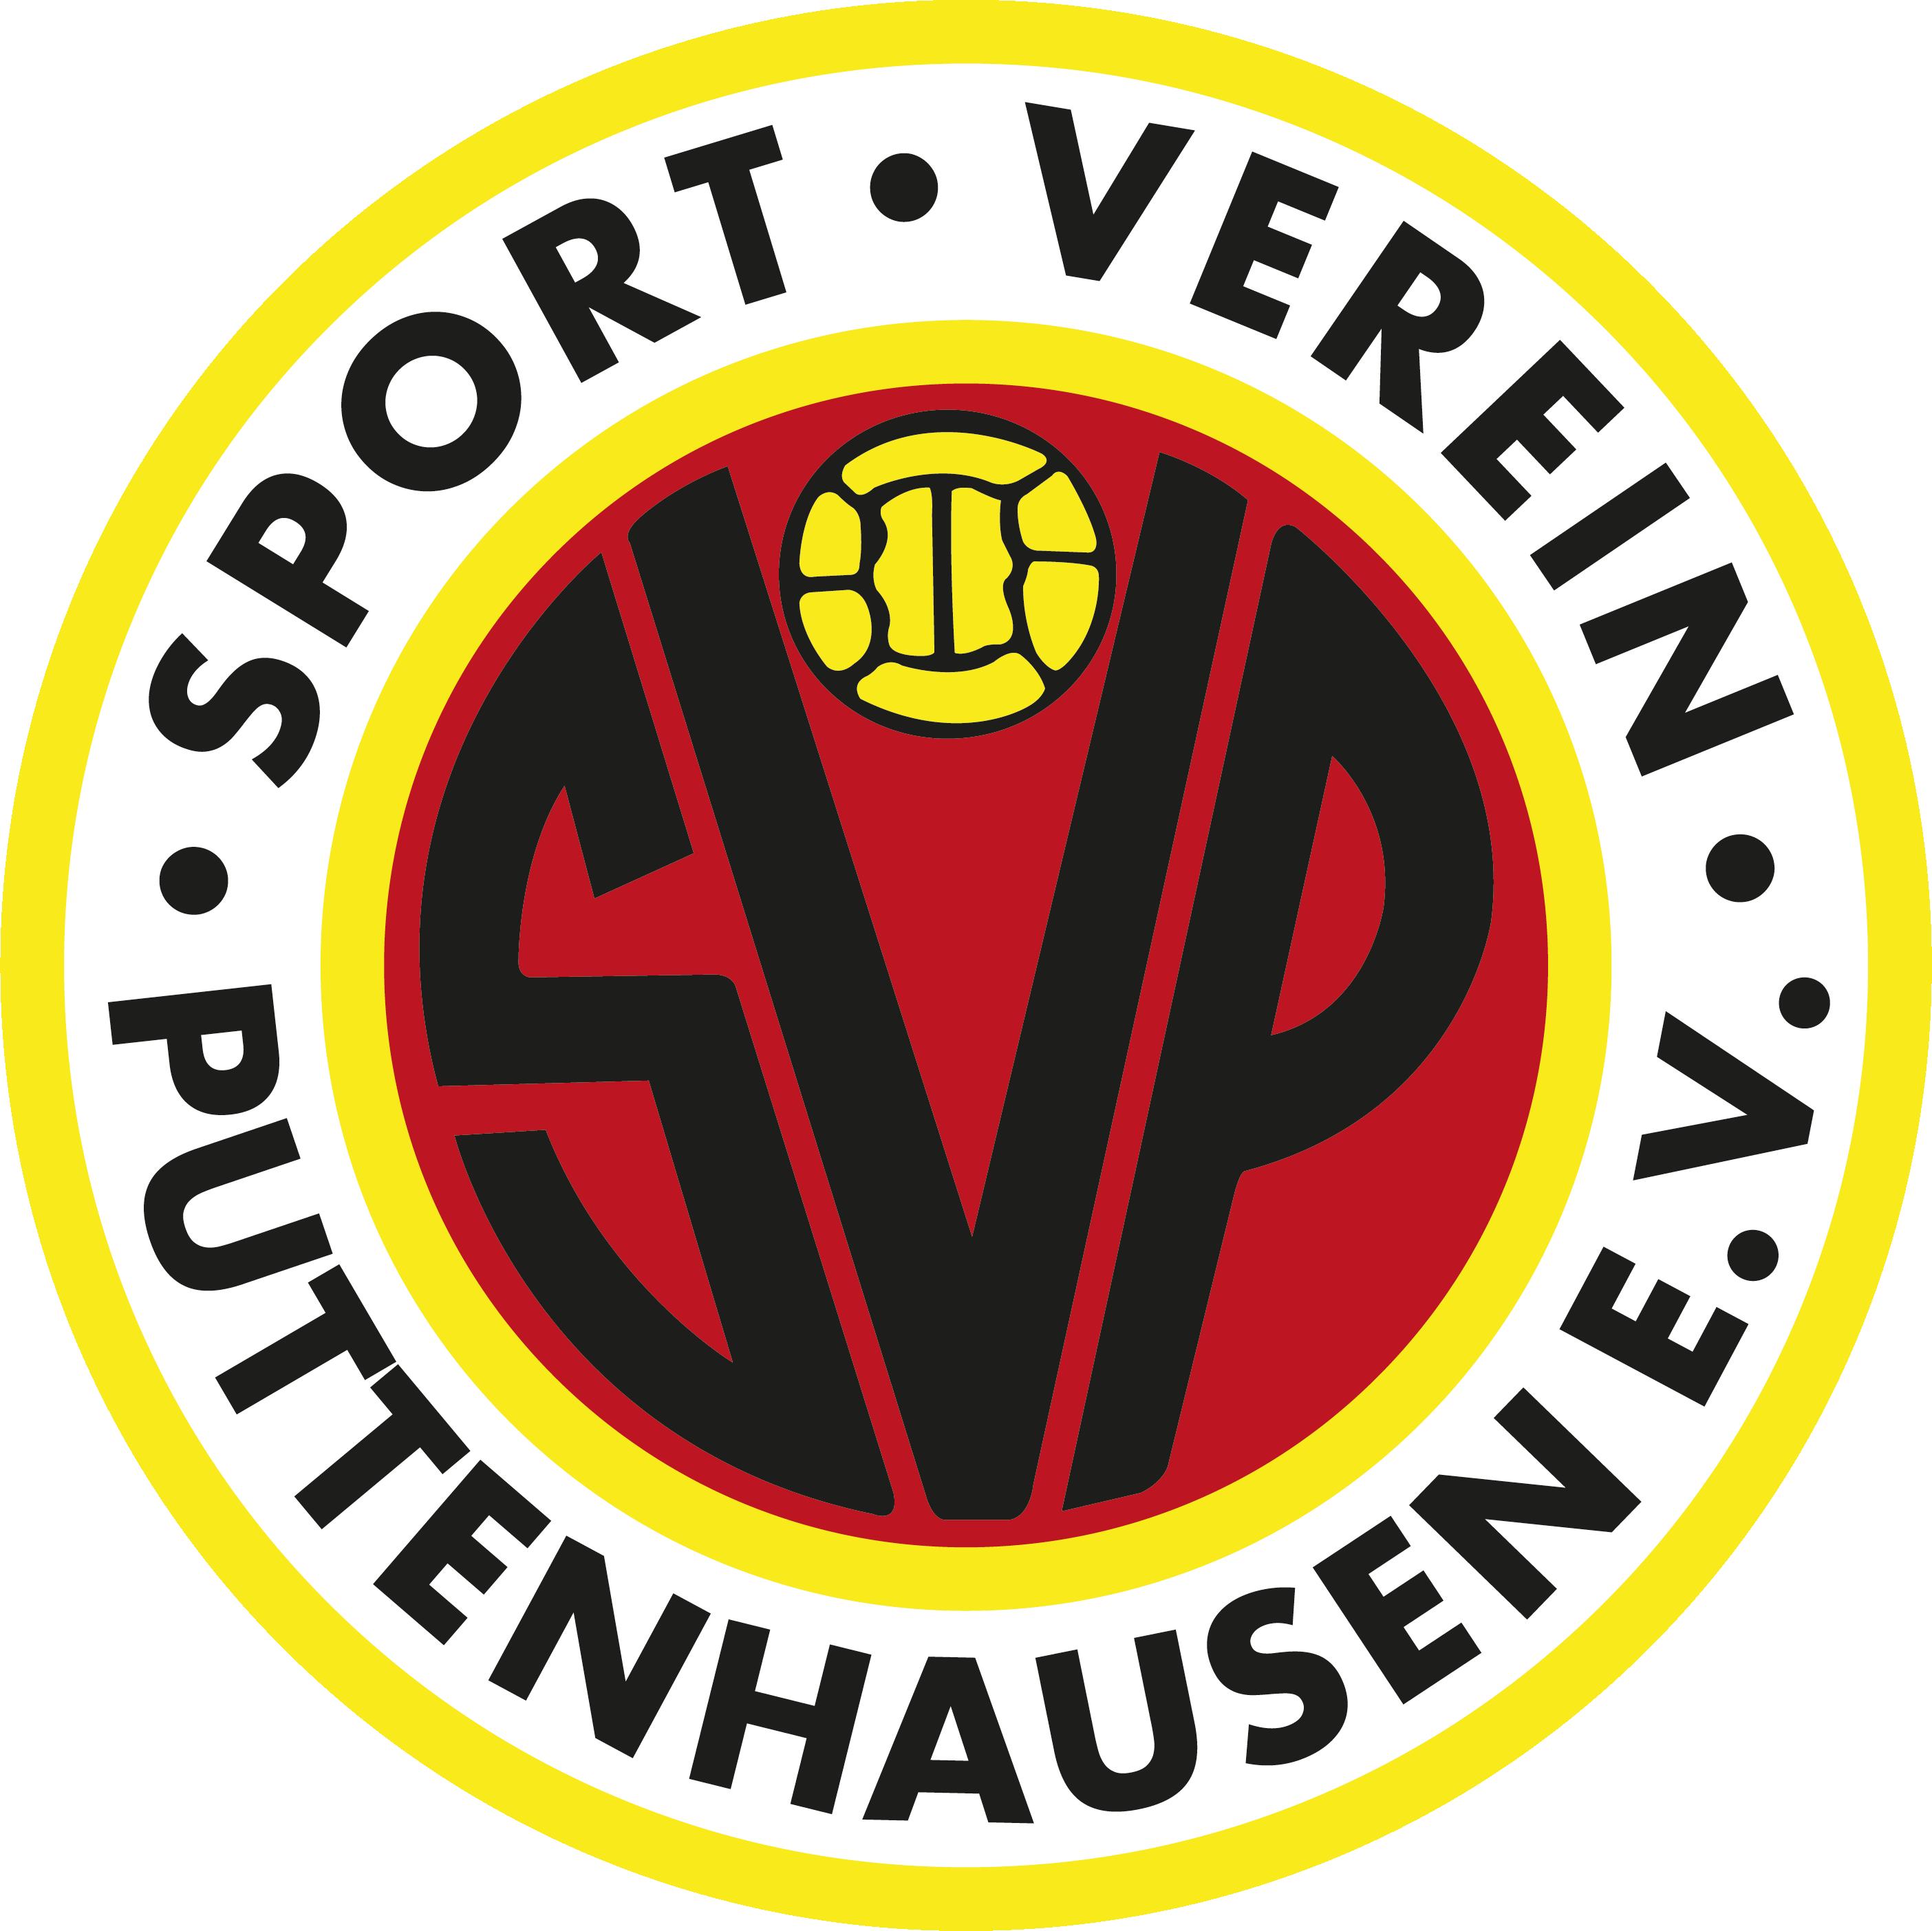 SV Puttenhausen